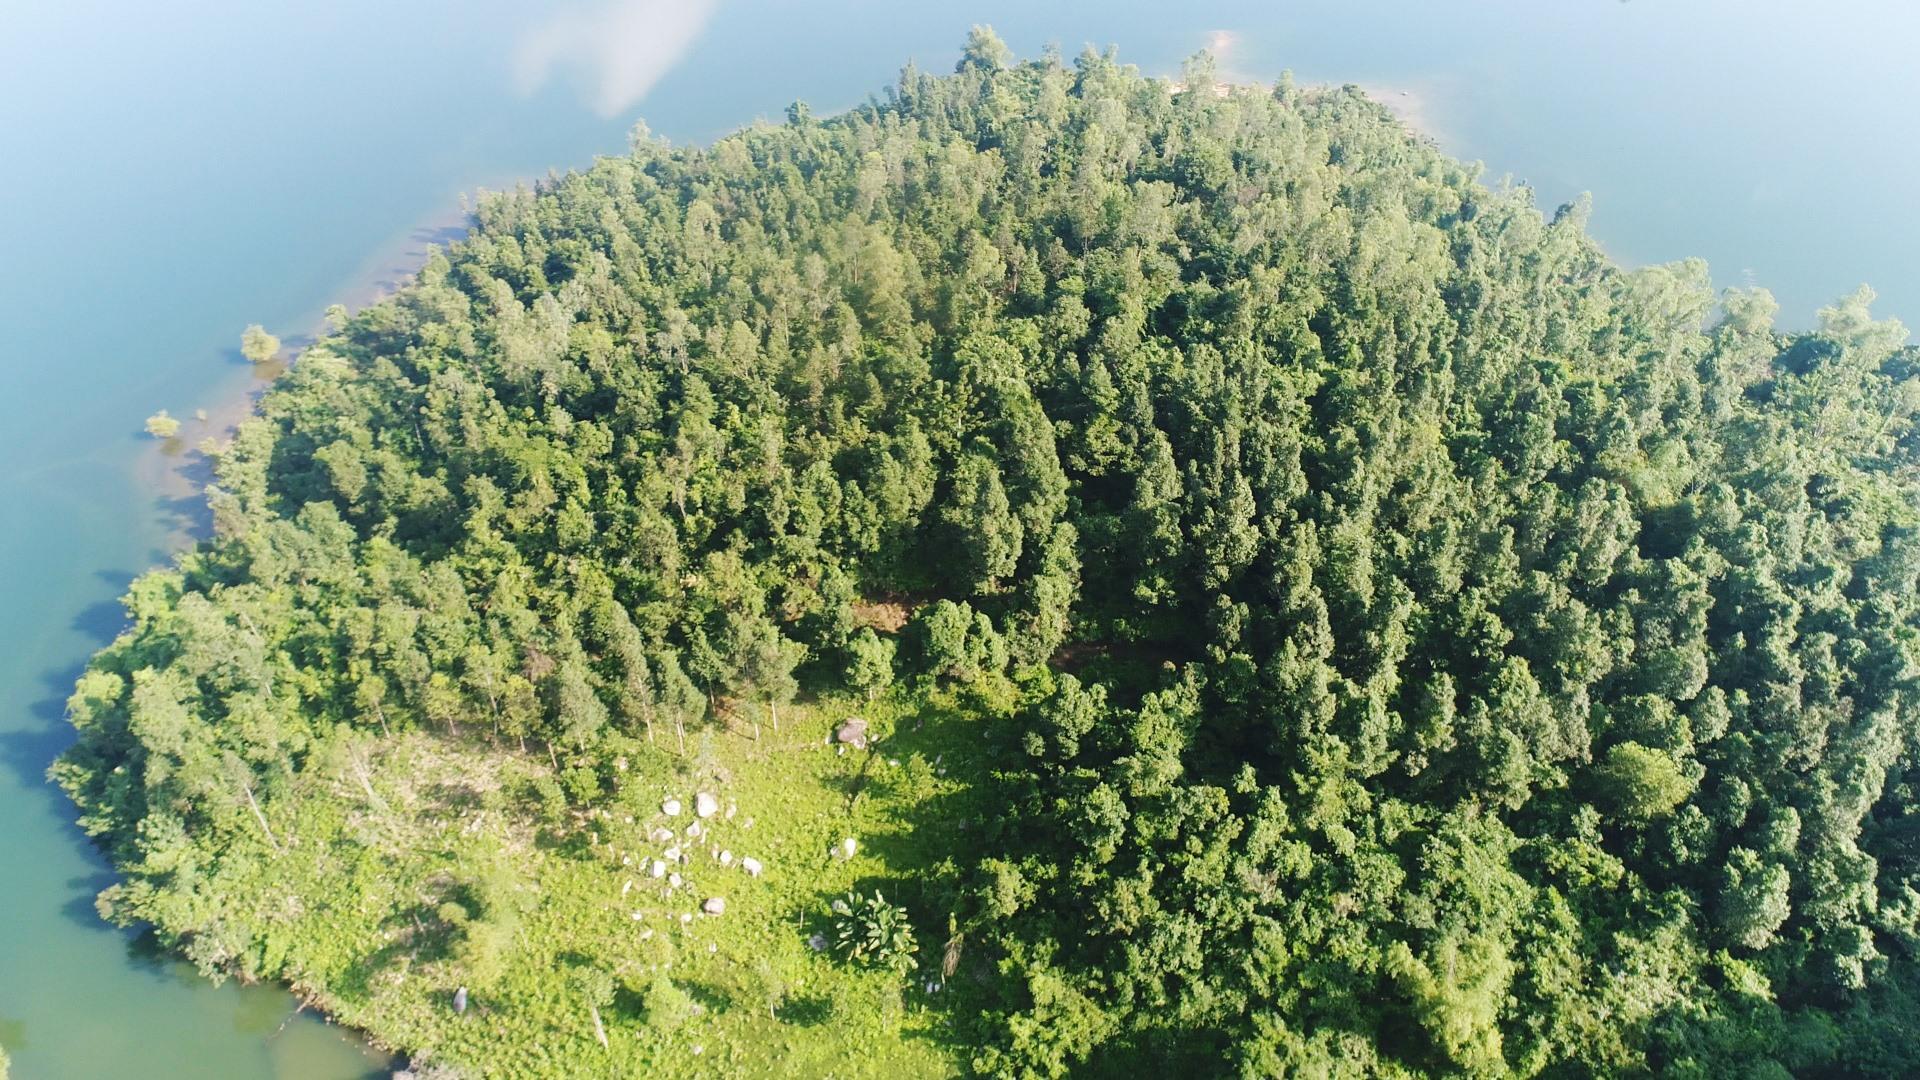 Cánh rừng sao đen trên lưu vực hồ Phú Ninh sinh trưởng và phát triển khá tốt. Ảnh: PHAN VINH